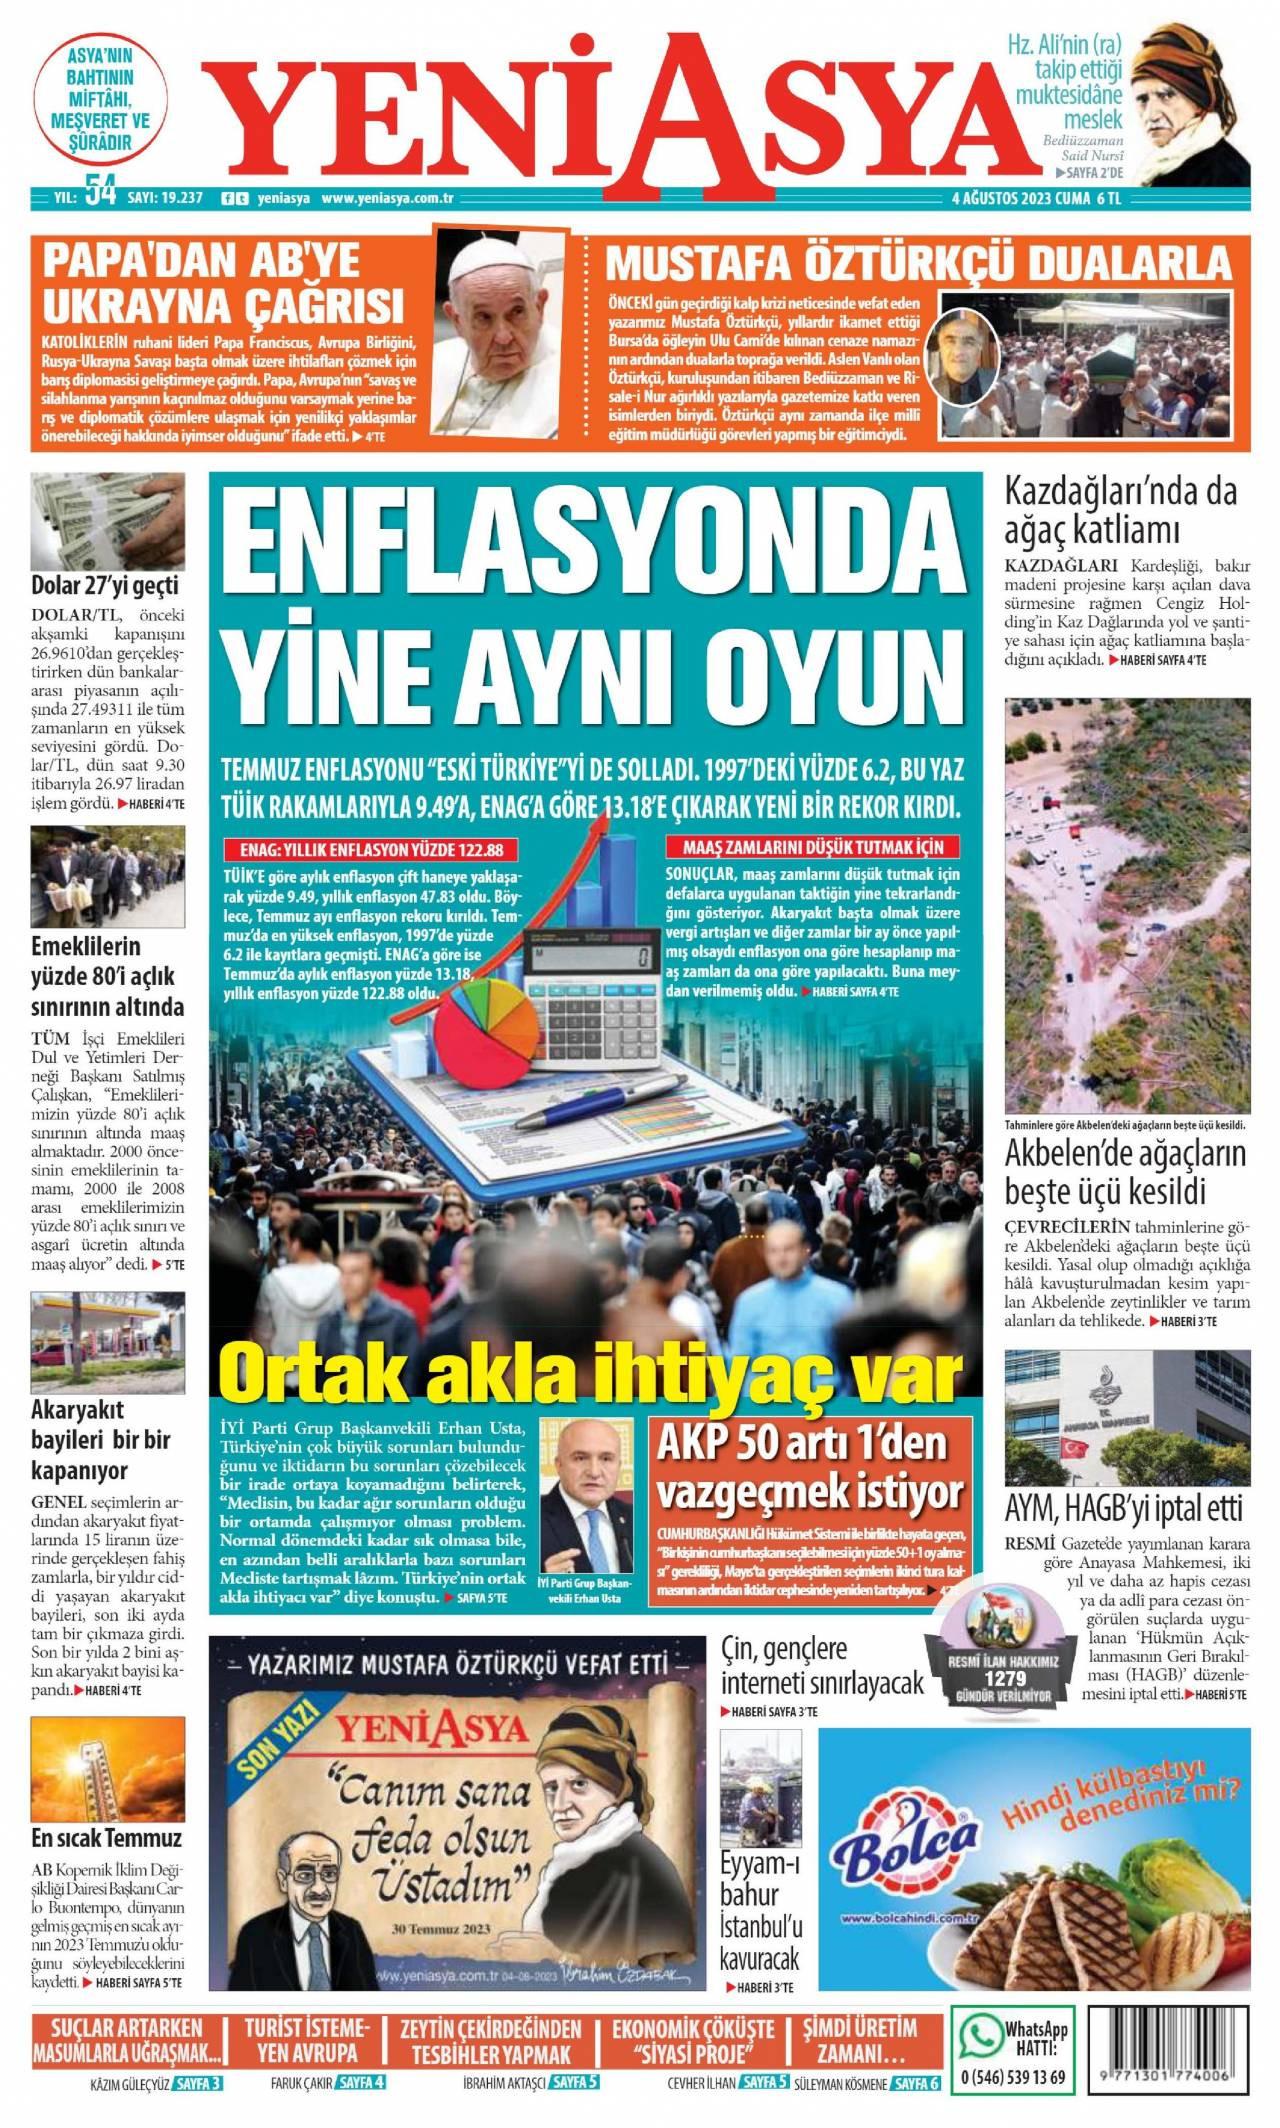 26 Mart 2019, Salı yeniasya Gazetesi